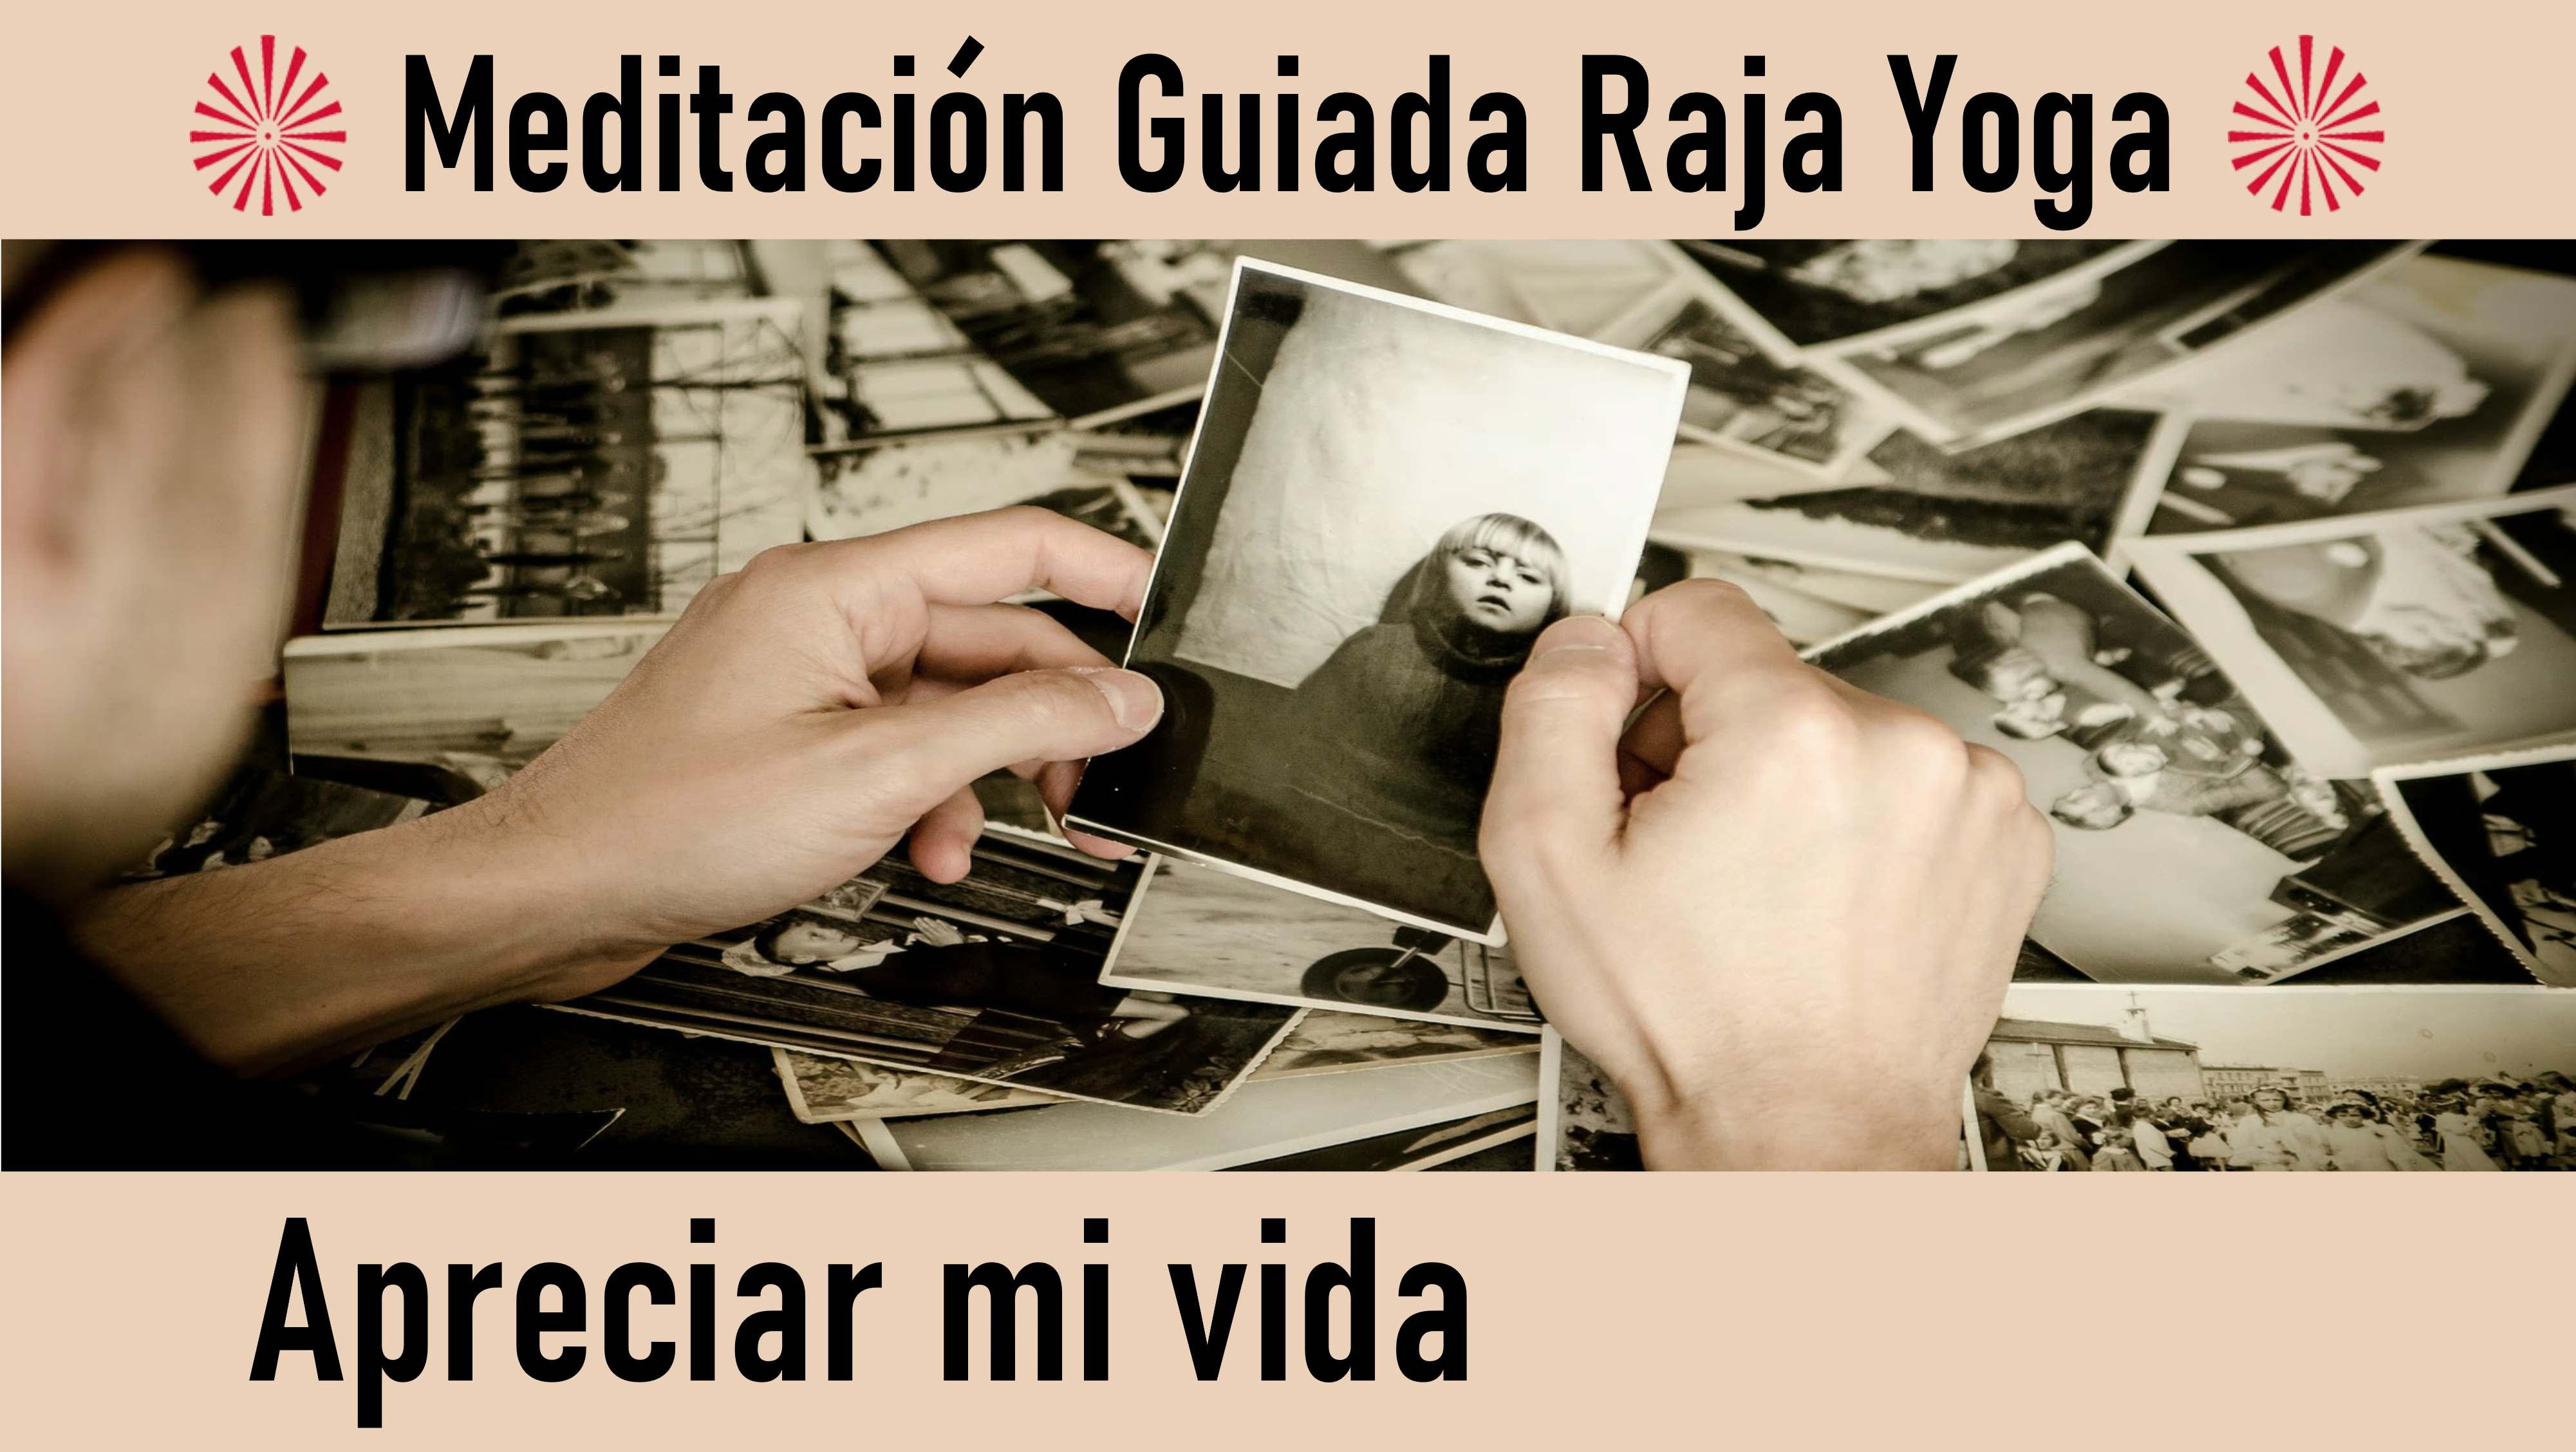 Meditación Raja Yoga: Apreciar mi vida (19 Agosto 2020) On-line desde Sevilla